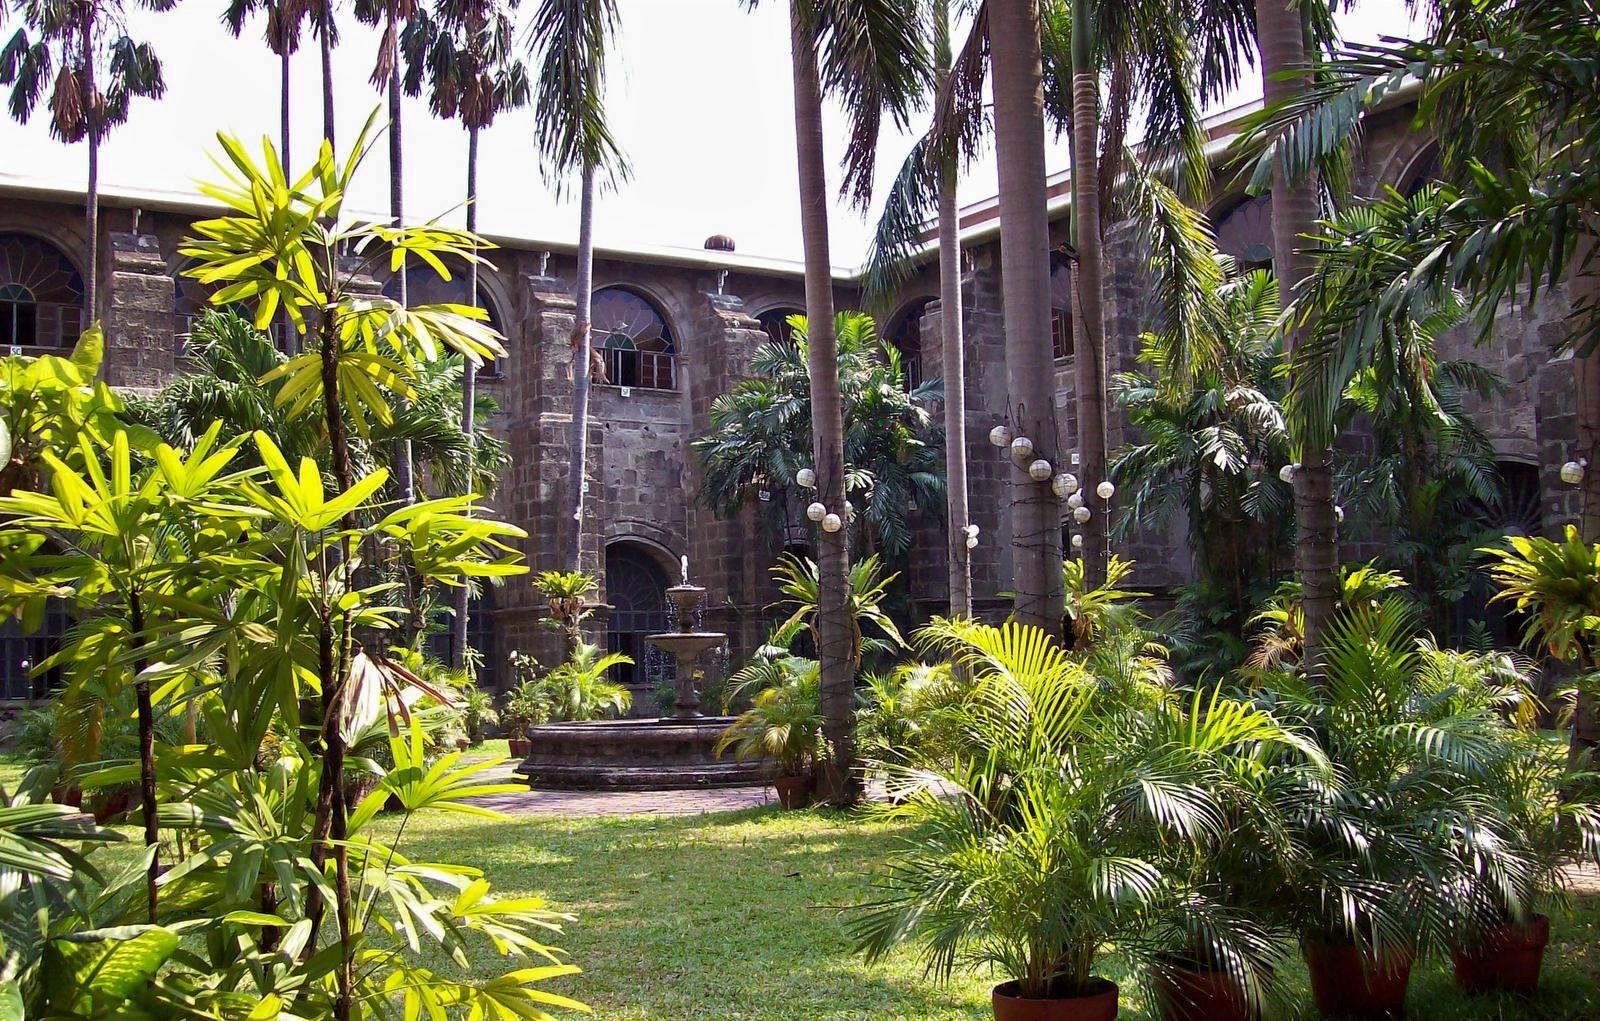 Kloster St. Augustin - Intramuros - Manila